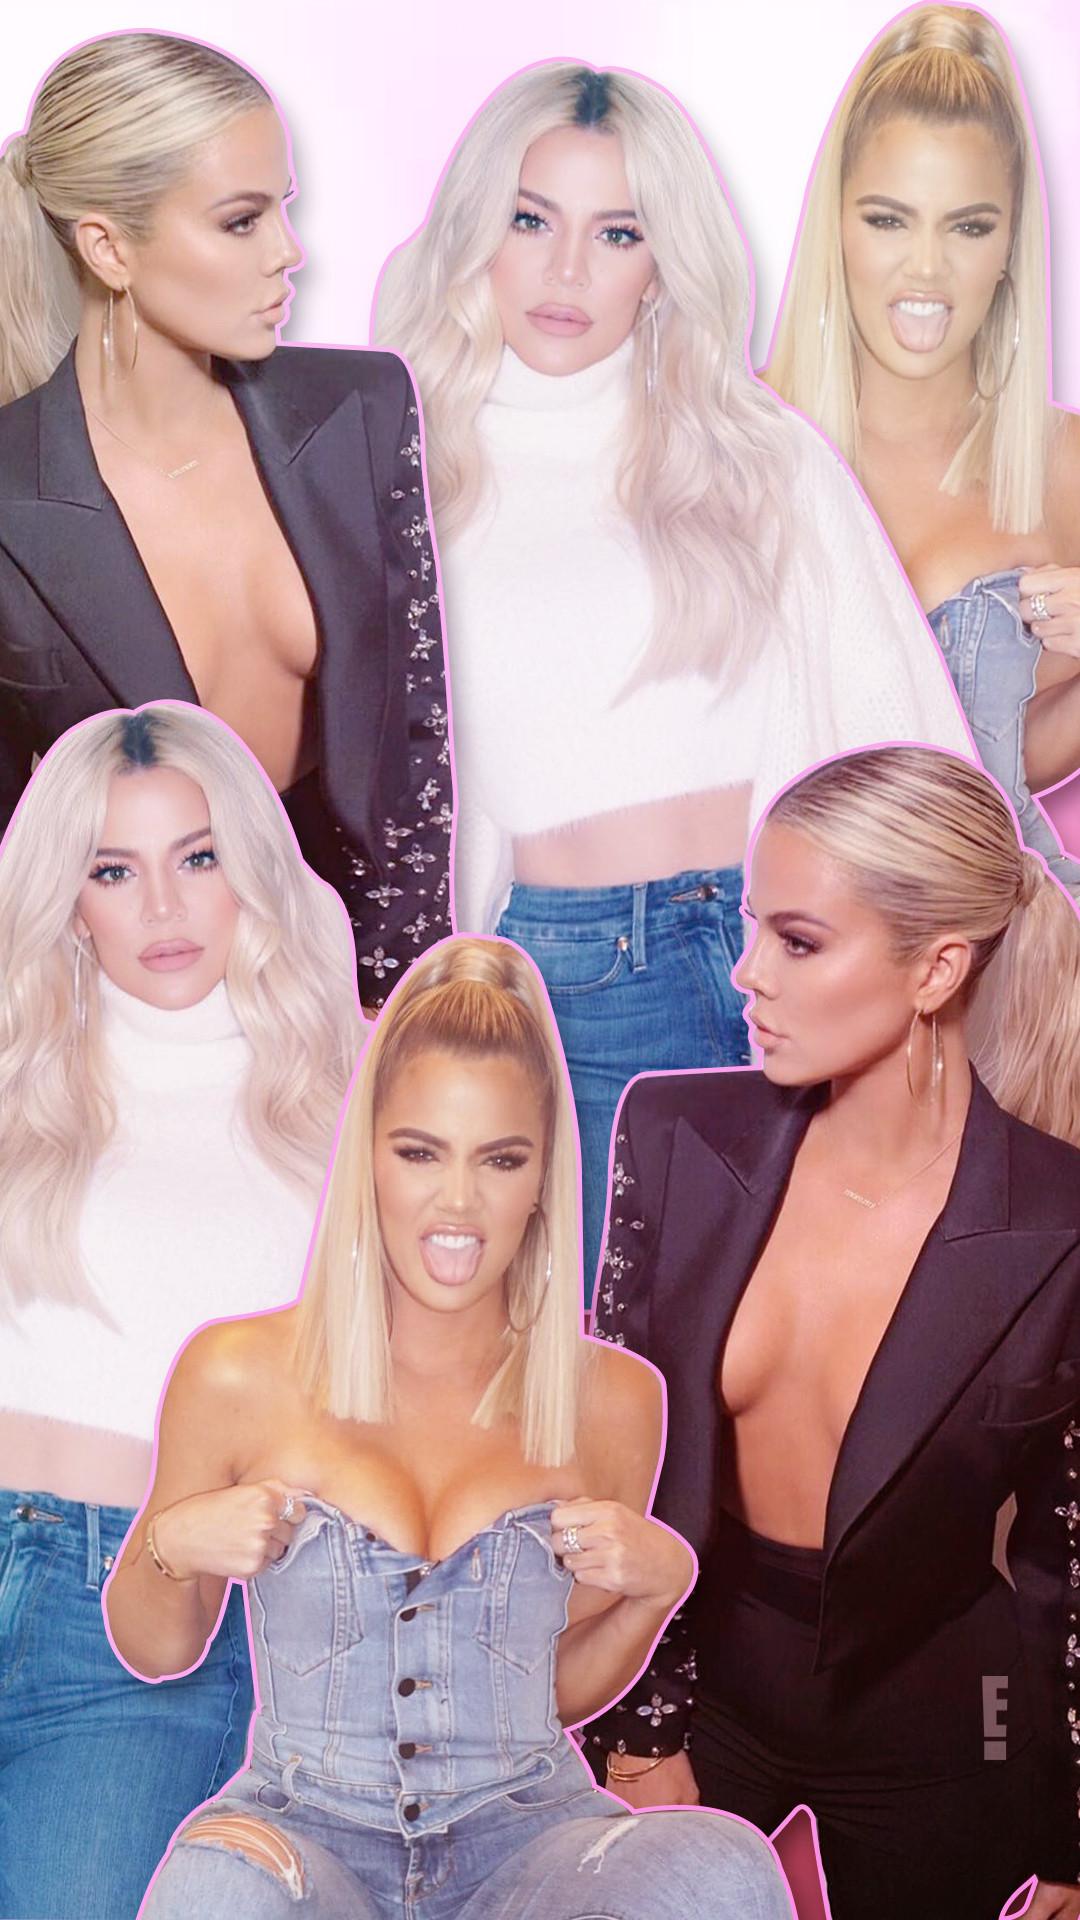 Khloe Kardashian Memepaper